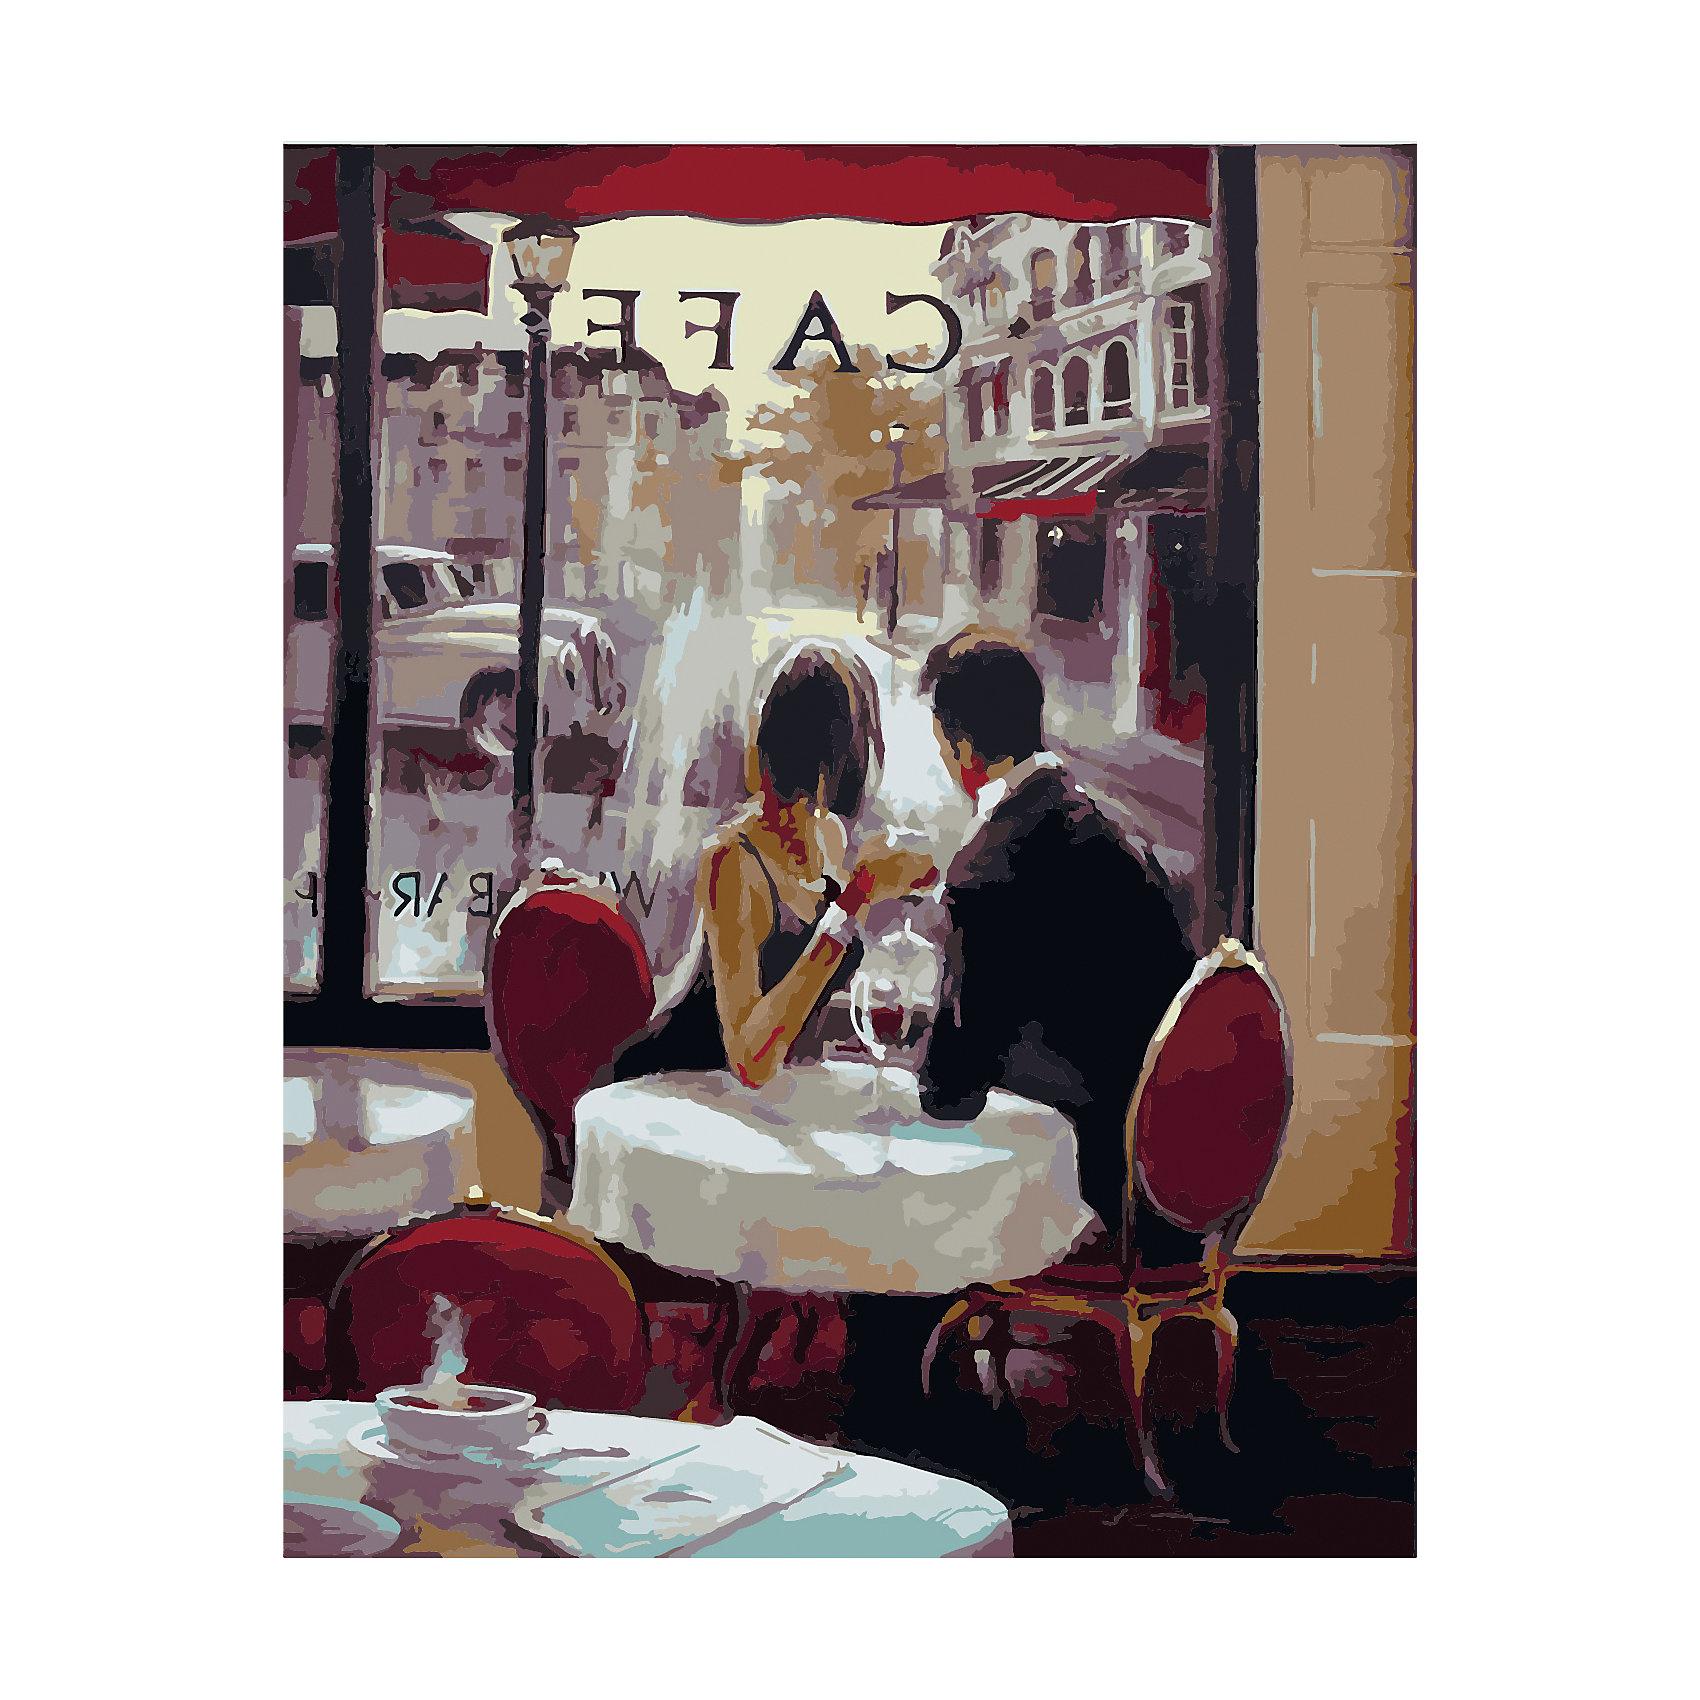 TUKZAR Роспись по номерам В кафе 40*50 см tukzar роспись по номерам вечерняя набережная 40 50 см